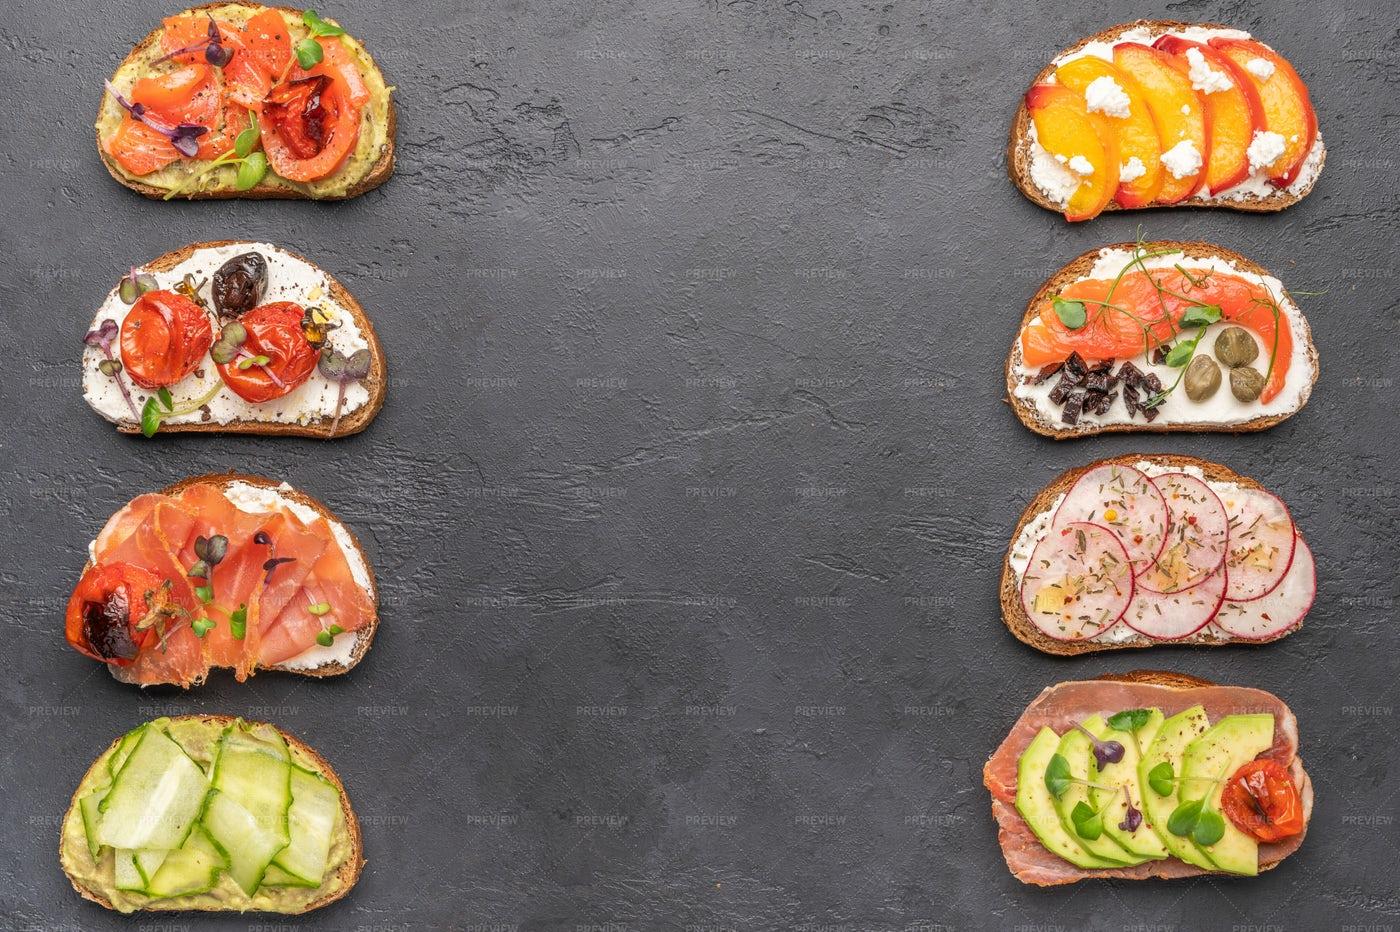 Homemade Sandwiches: Stock Photos